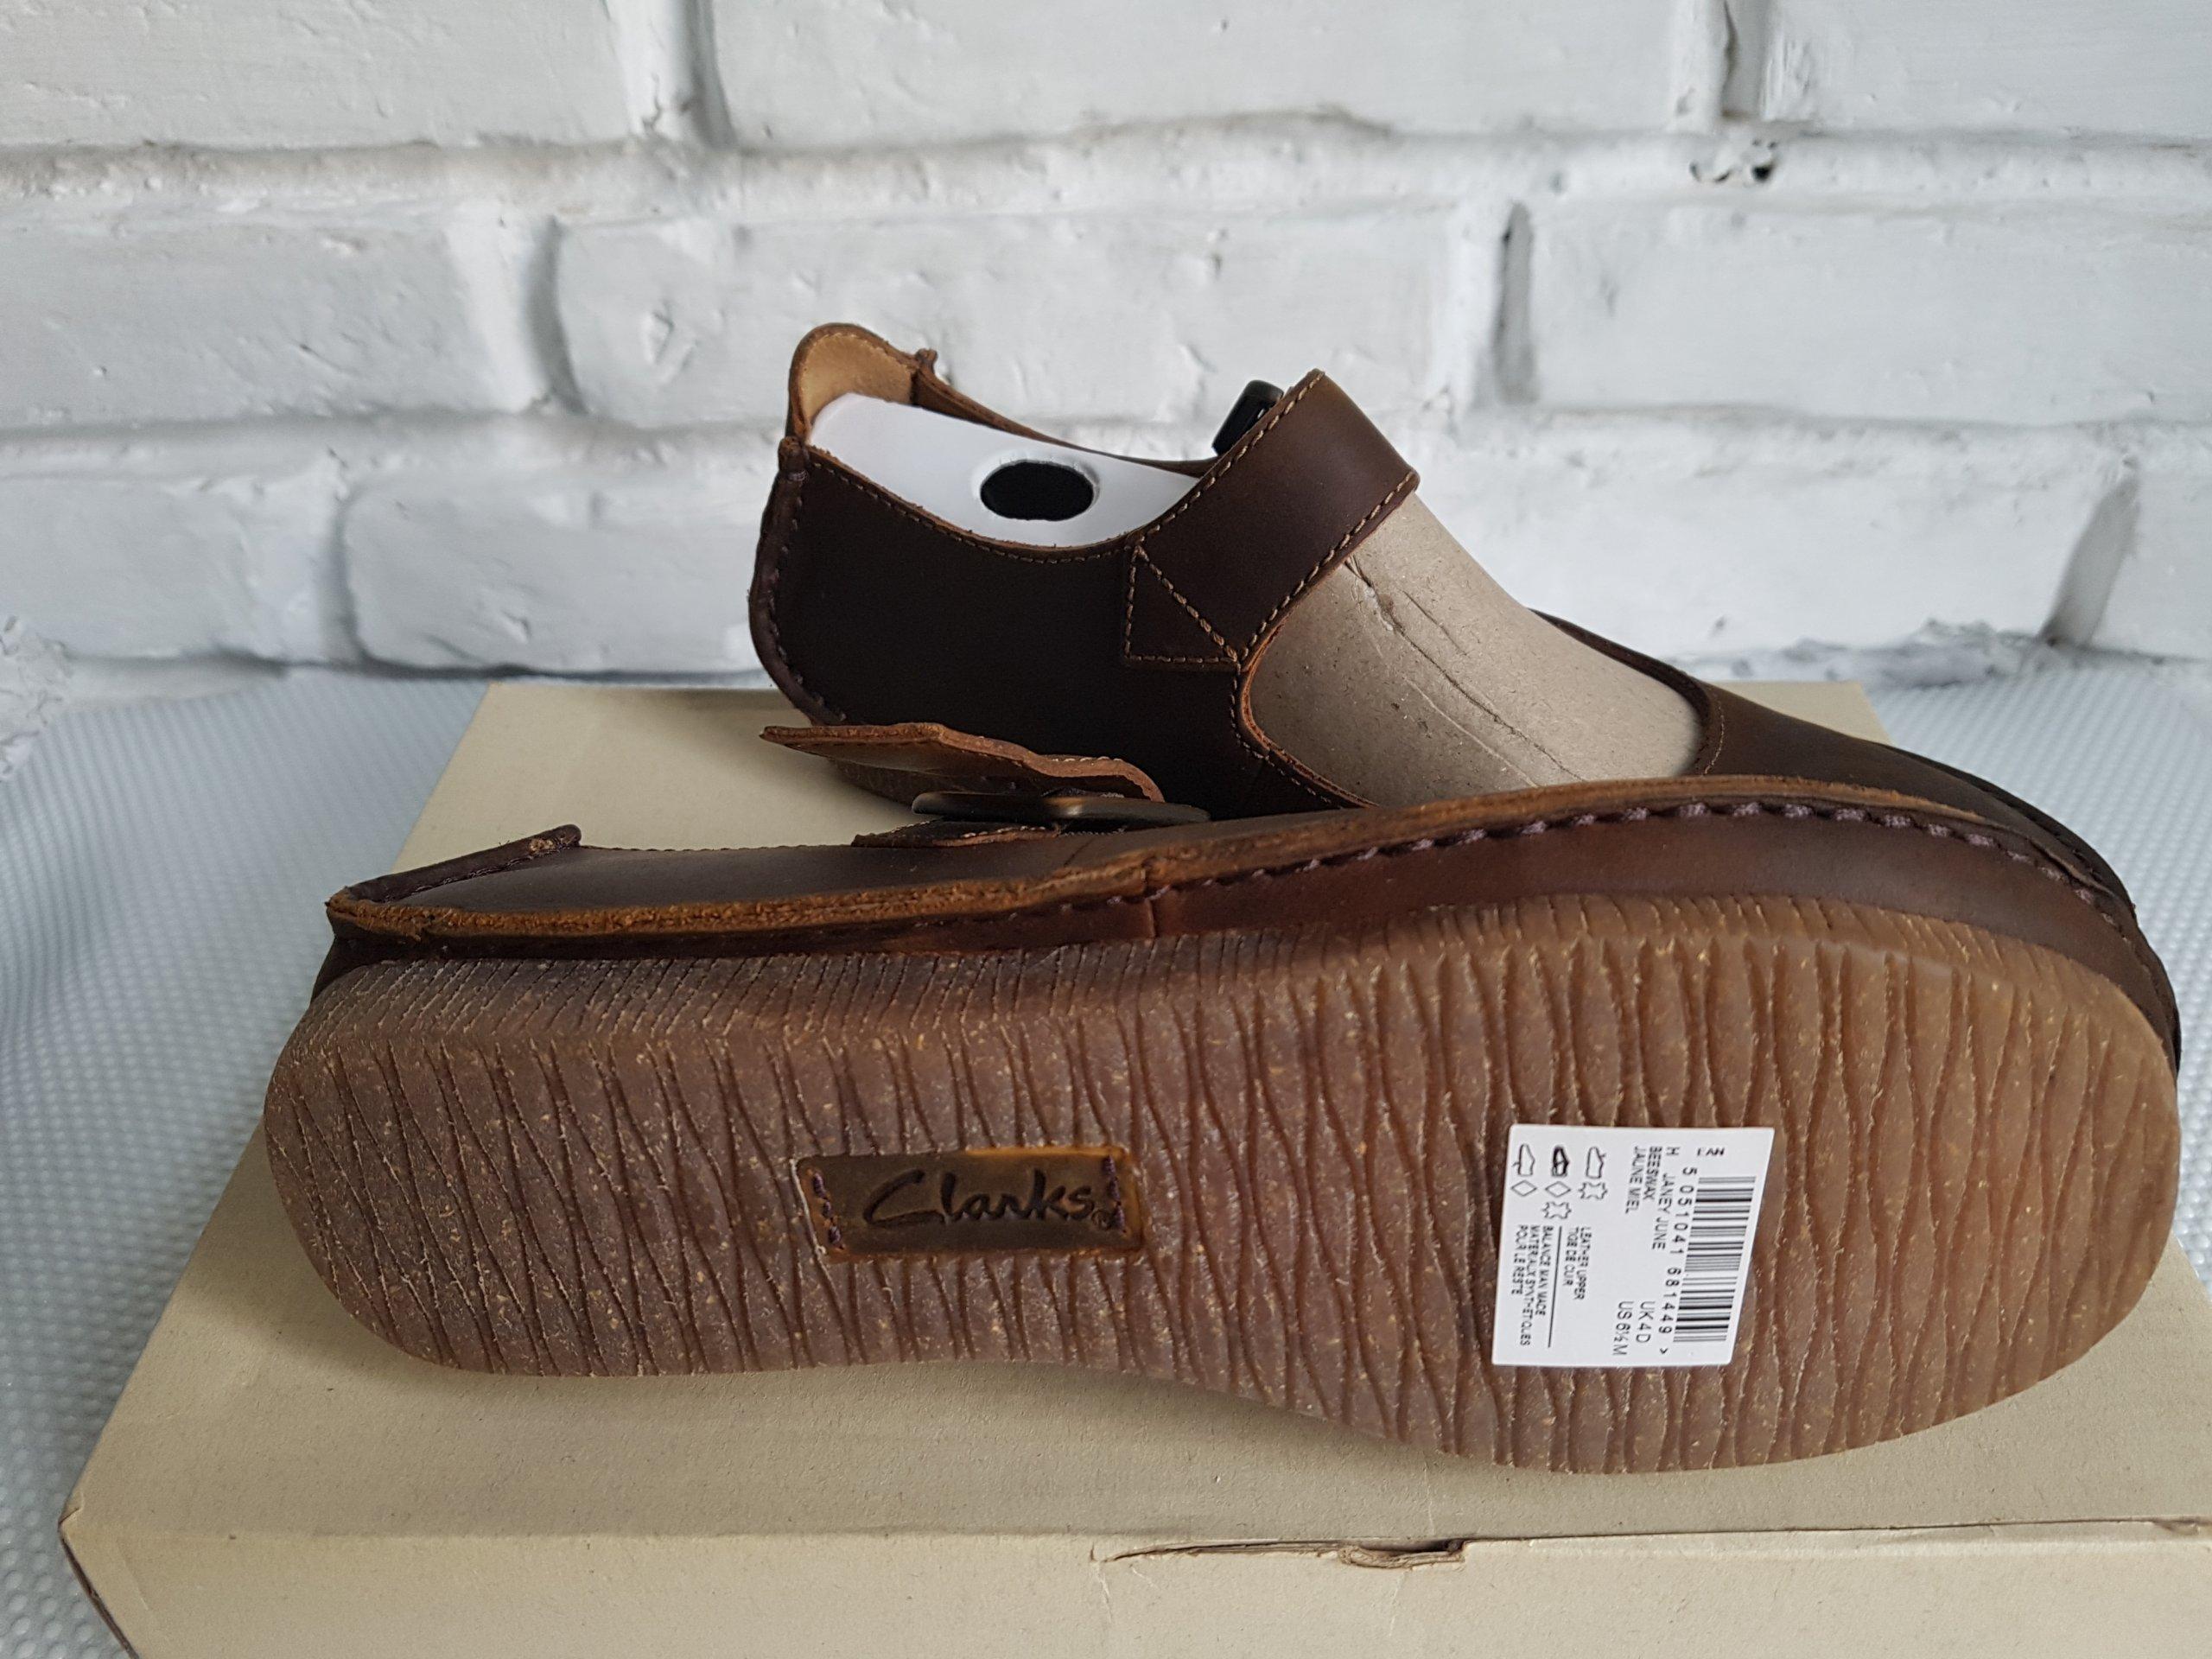 szukać autentyczna jakość nowe style Buty Janey R Clarks Artisan Damskie Nowe June 37 dshrtQC